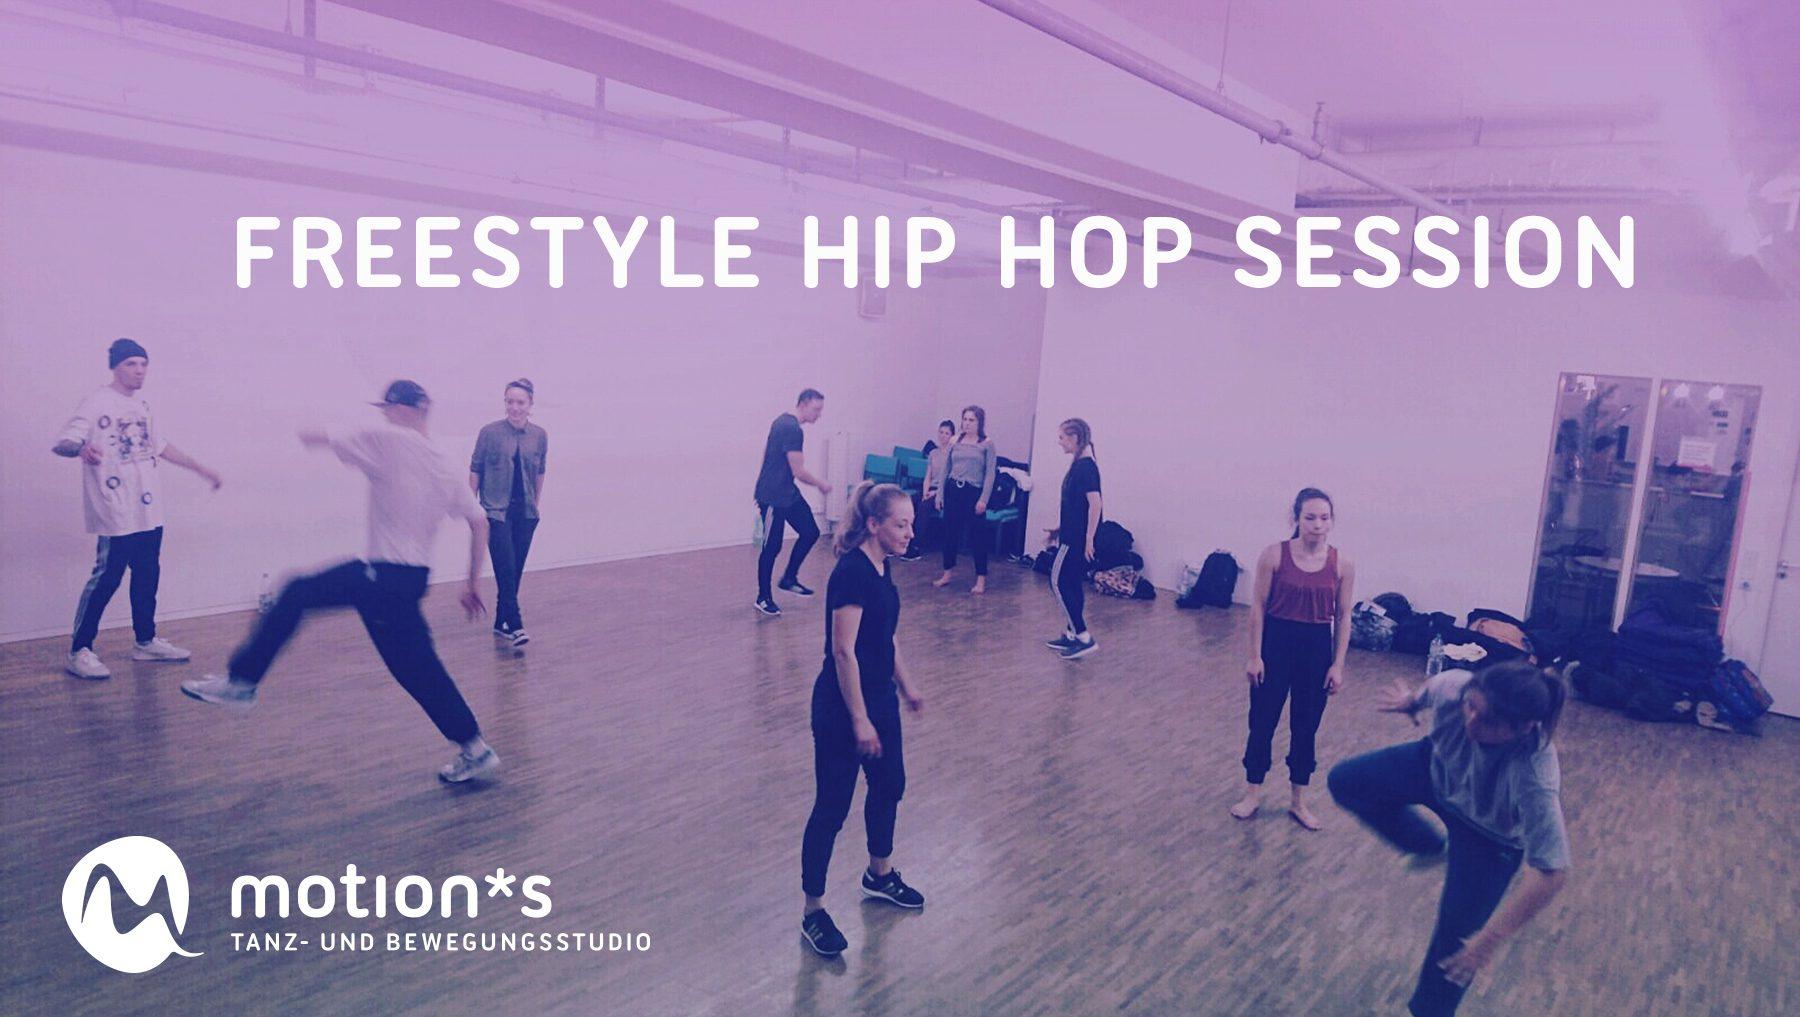 Freestyle Hip Hop Session im motion*s. Organisiert von Lotta und Lucia